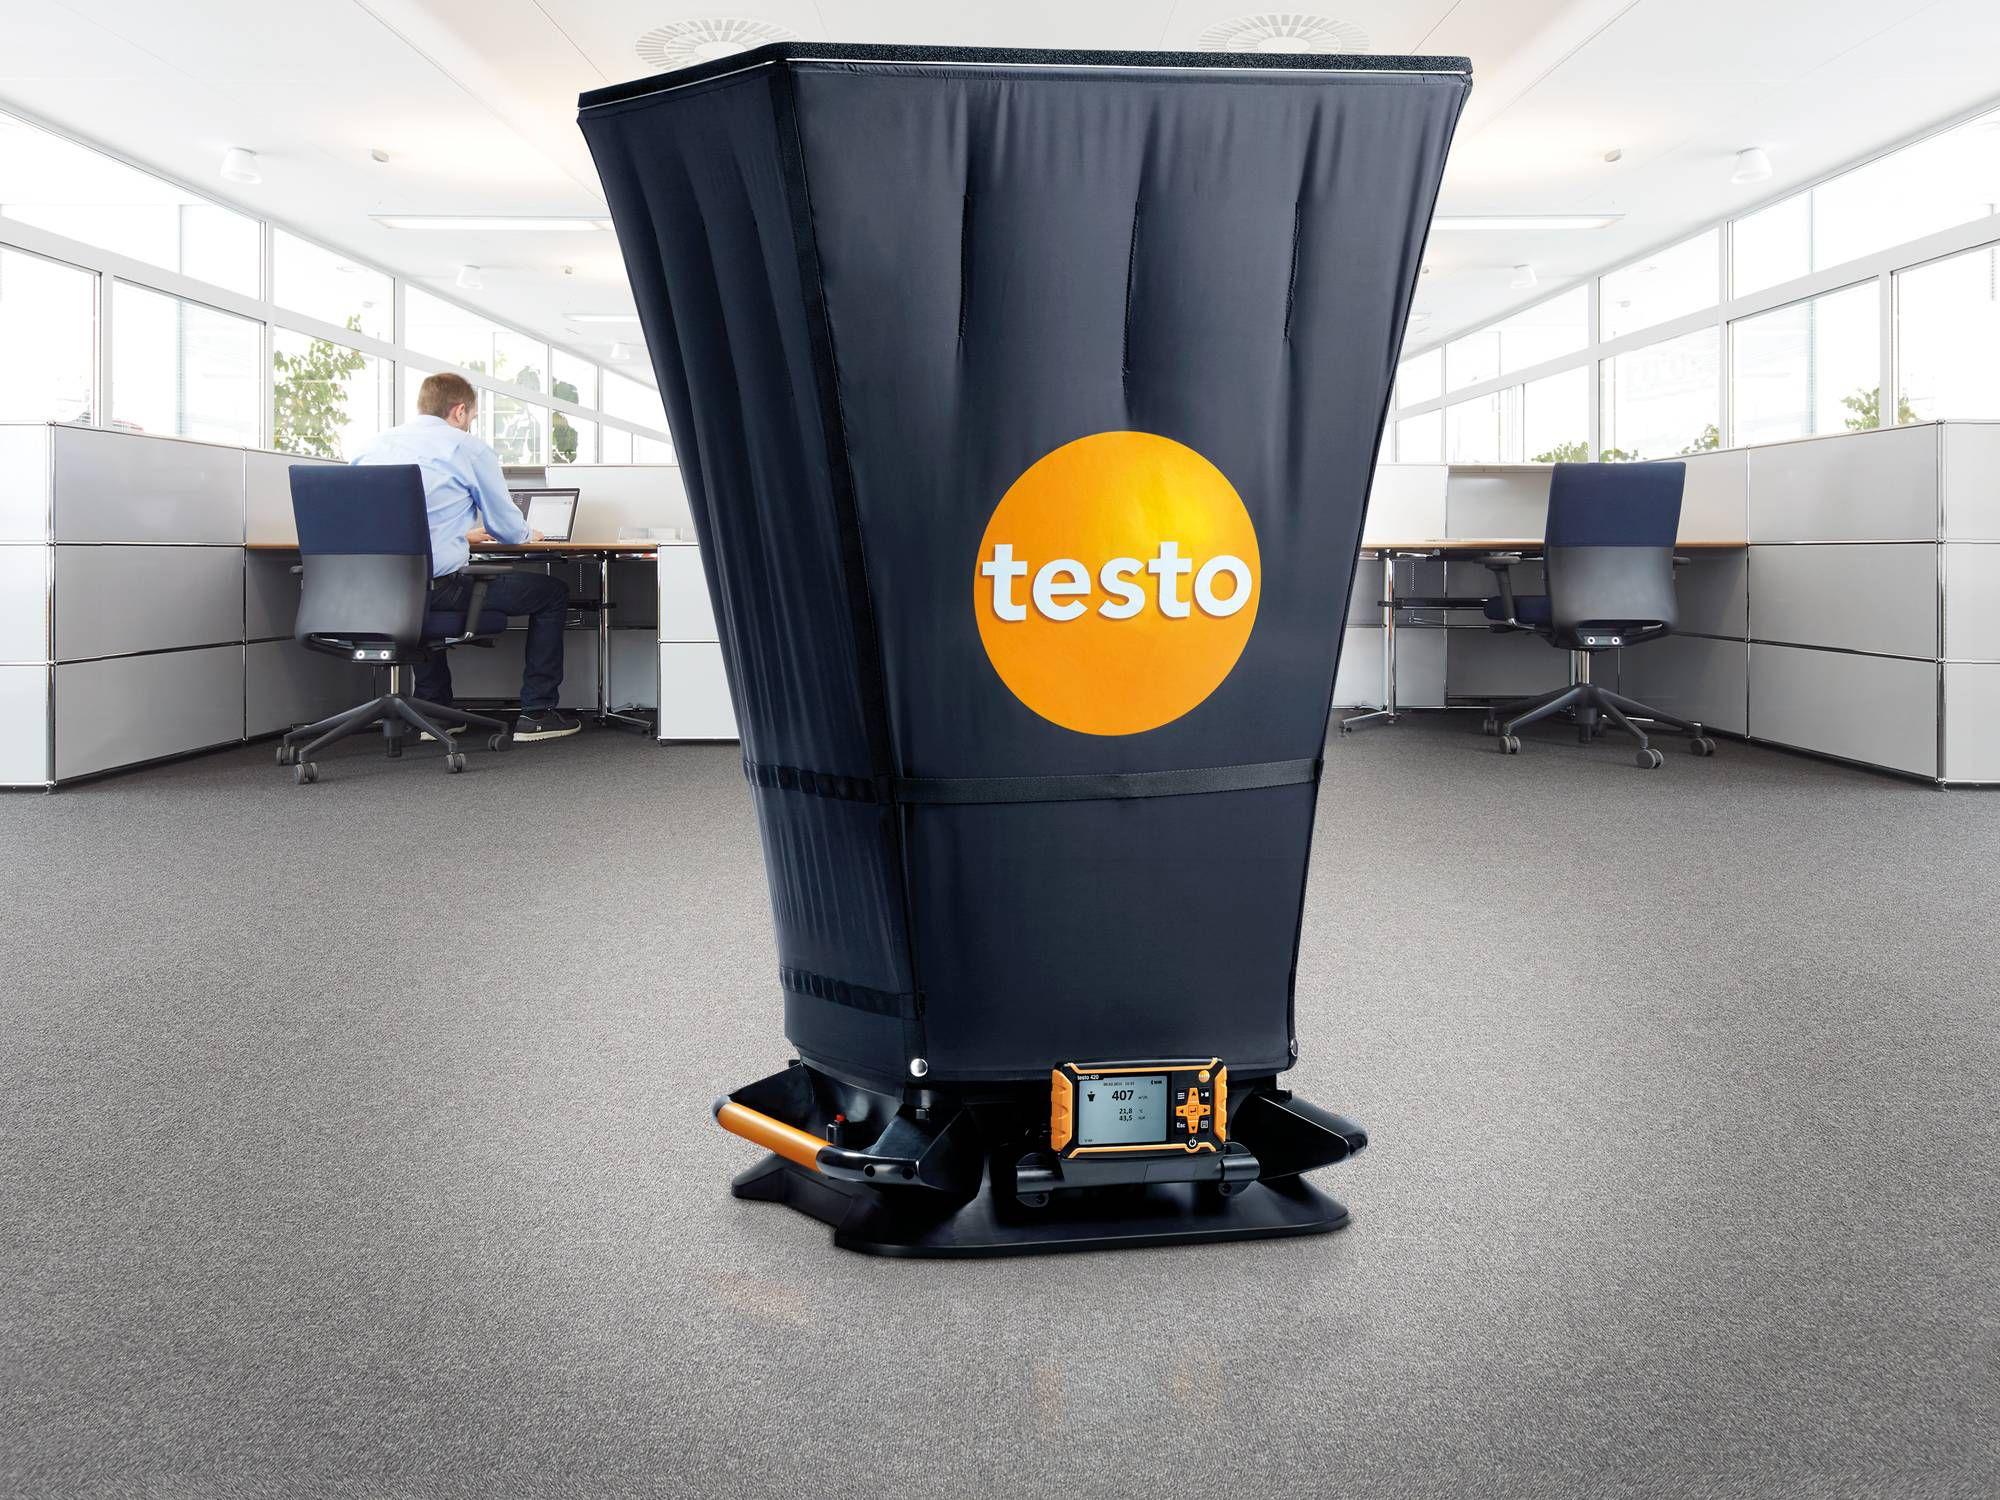 testo 420 getest door CES